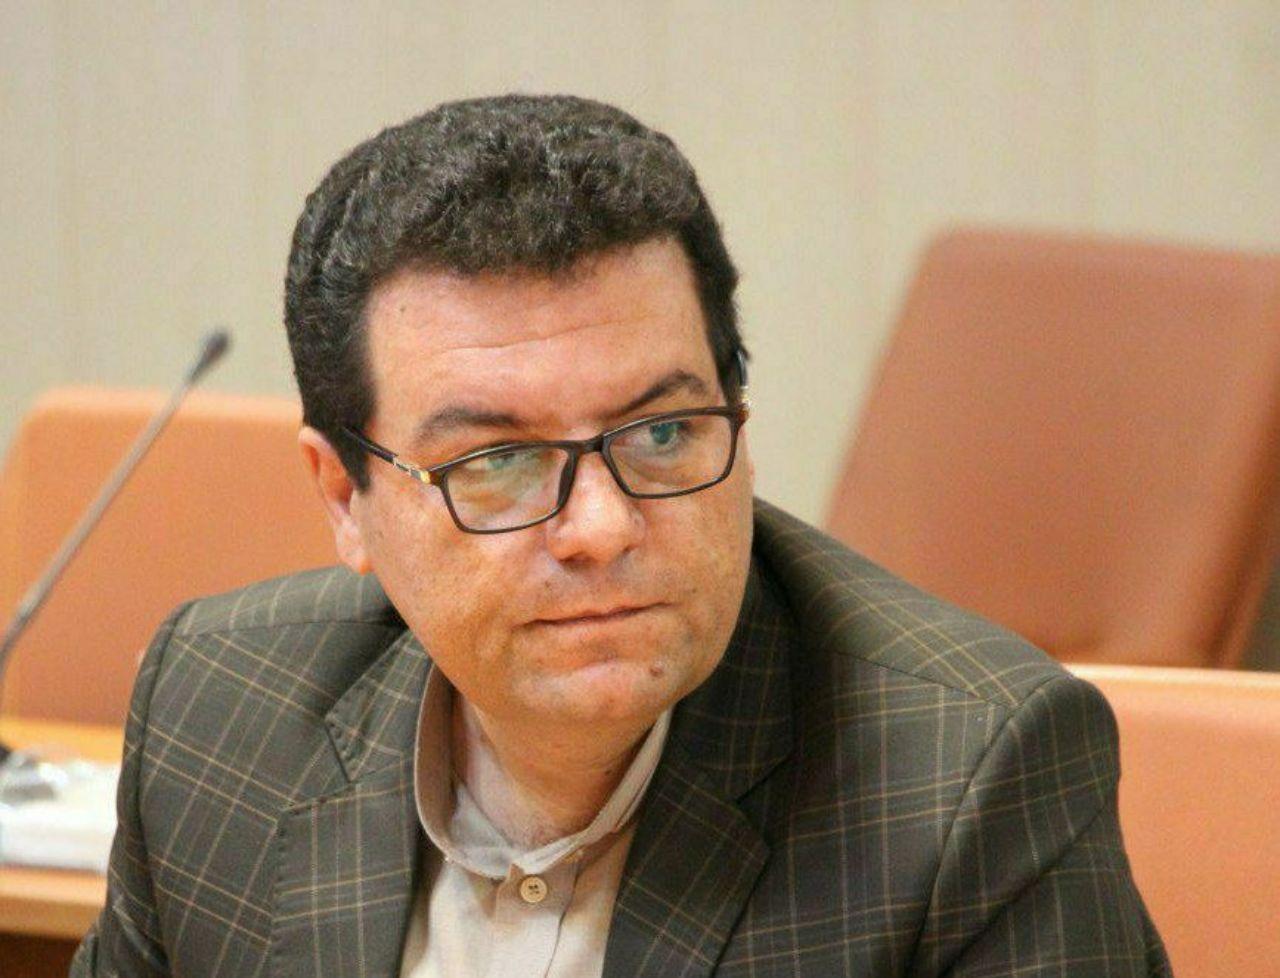 ورشکستگی 2 هزار واحد صنفی در بهارستان